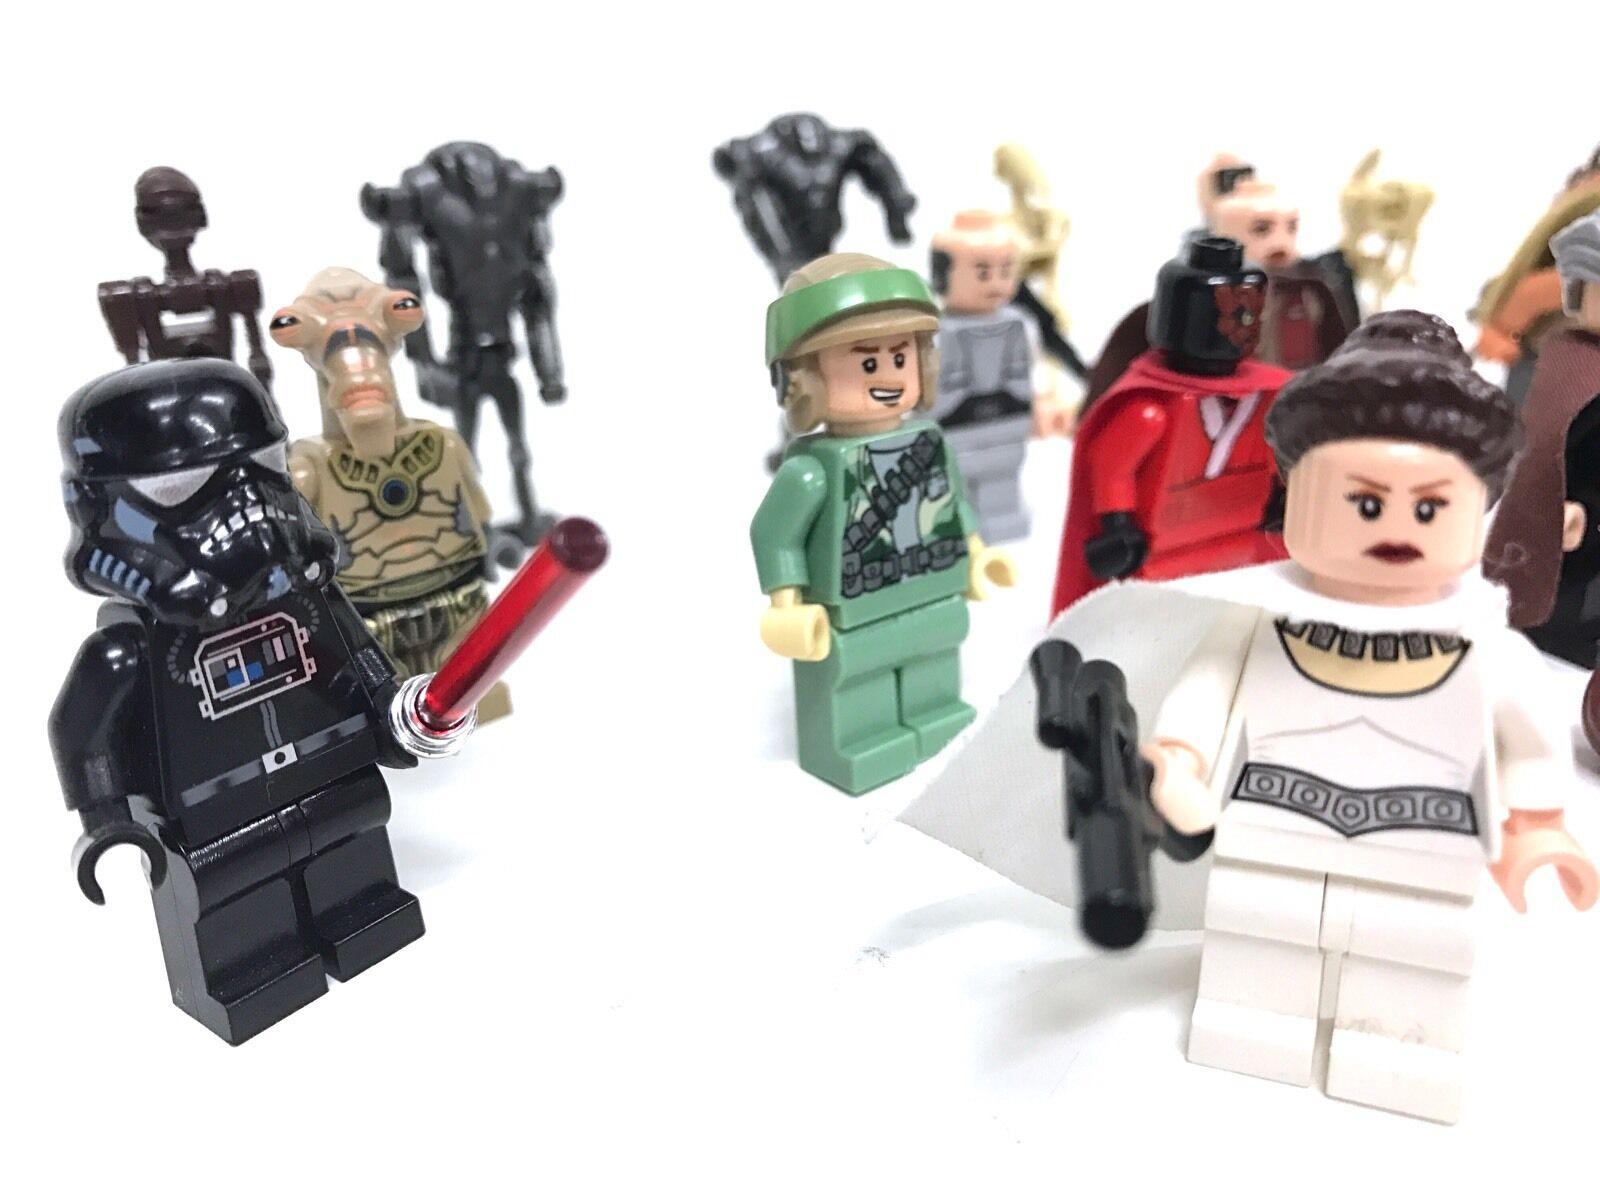 20 Lego Star Wars Figuren • Prinzessin Leia (9495) Darth Vader und andere